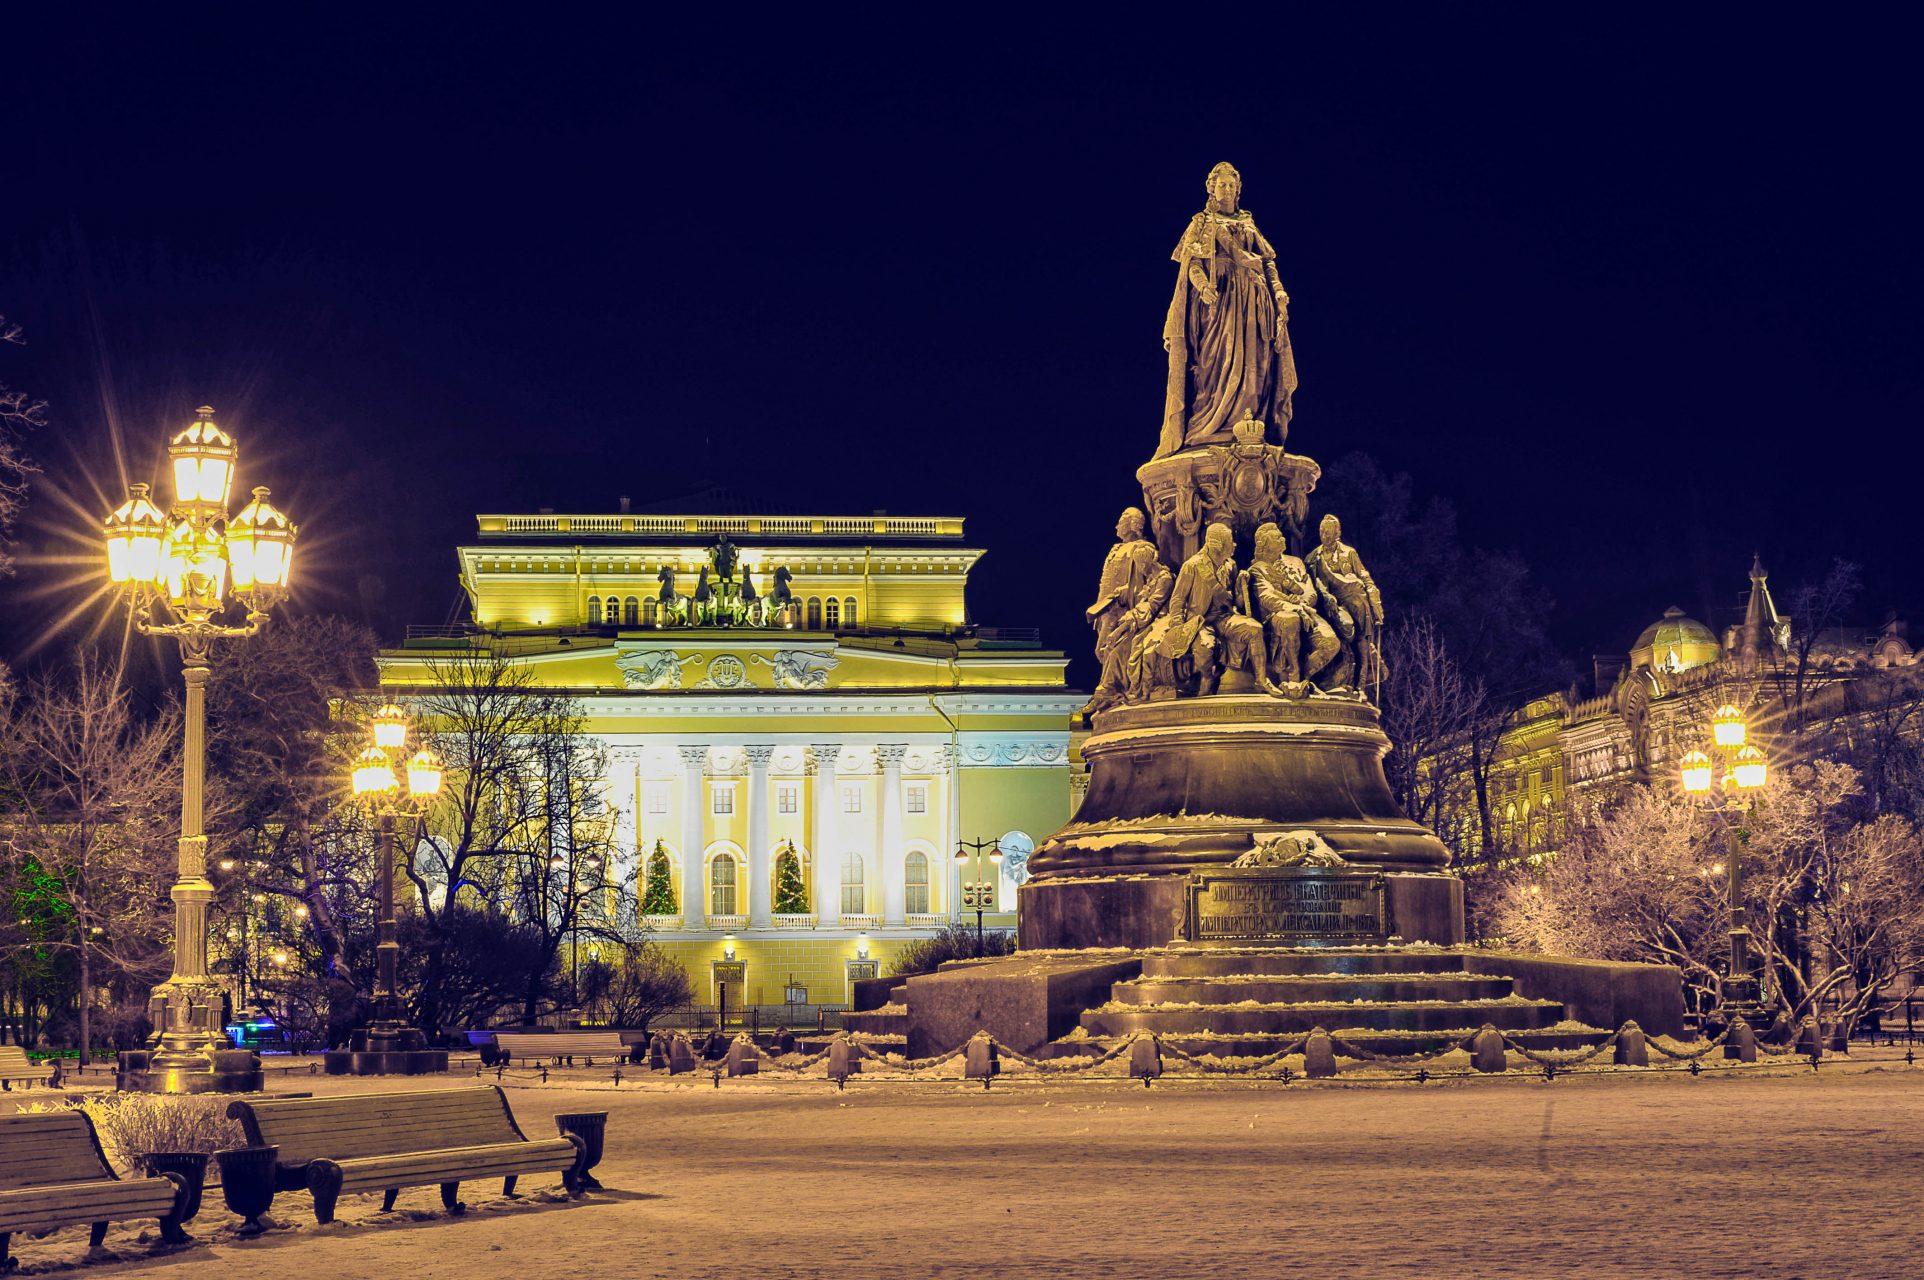 Nachts im Park vor dem Alexandrinsky theater in St. Petersburg.